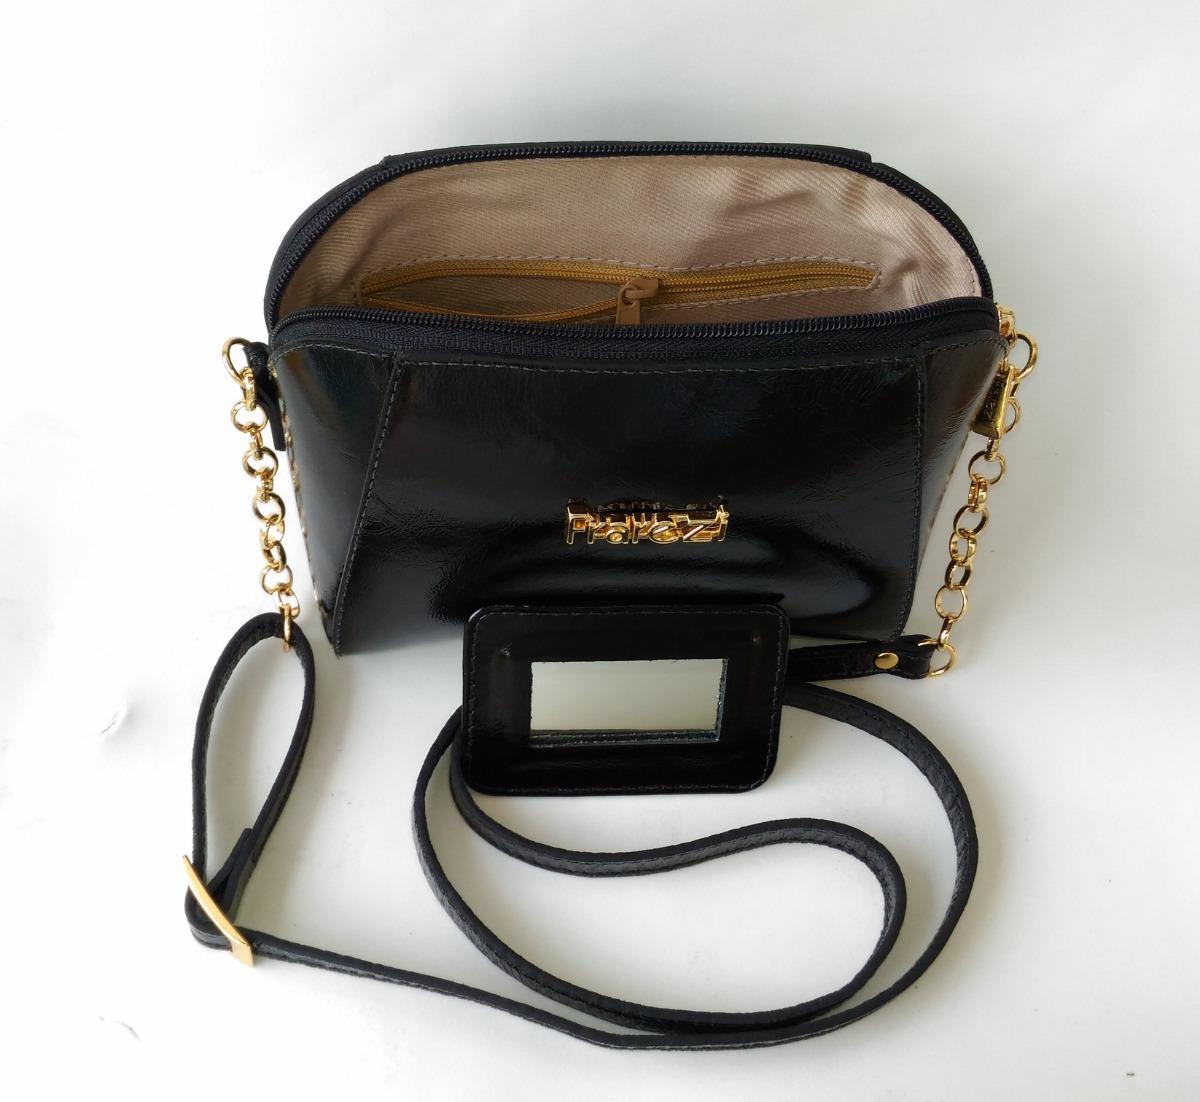 6410ac469 Bolsa Feminina Pequena Para Noite Festa Casamento - R$ 119,00 em ...